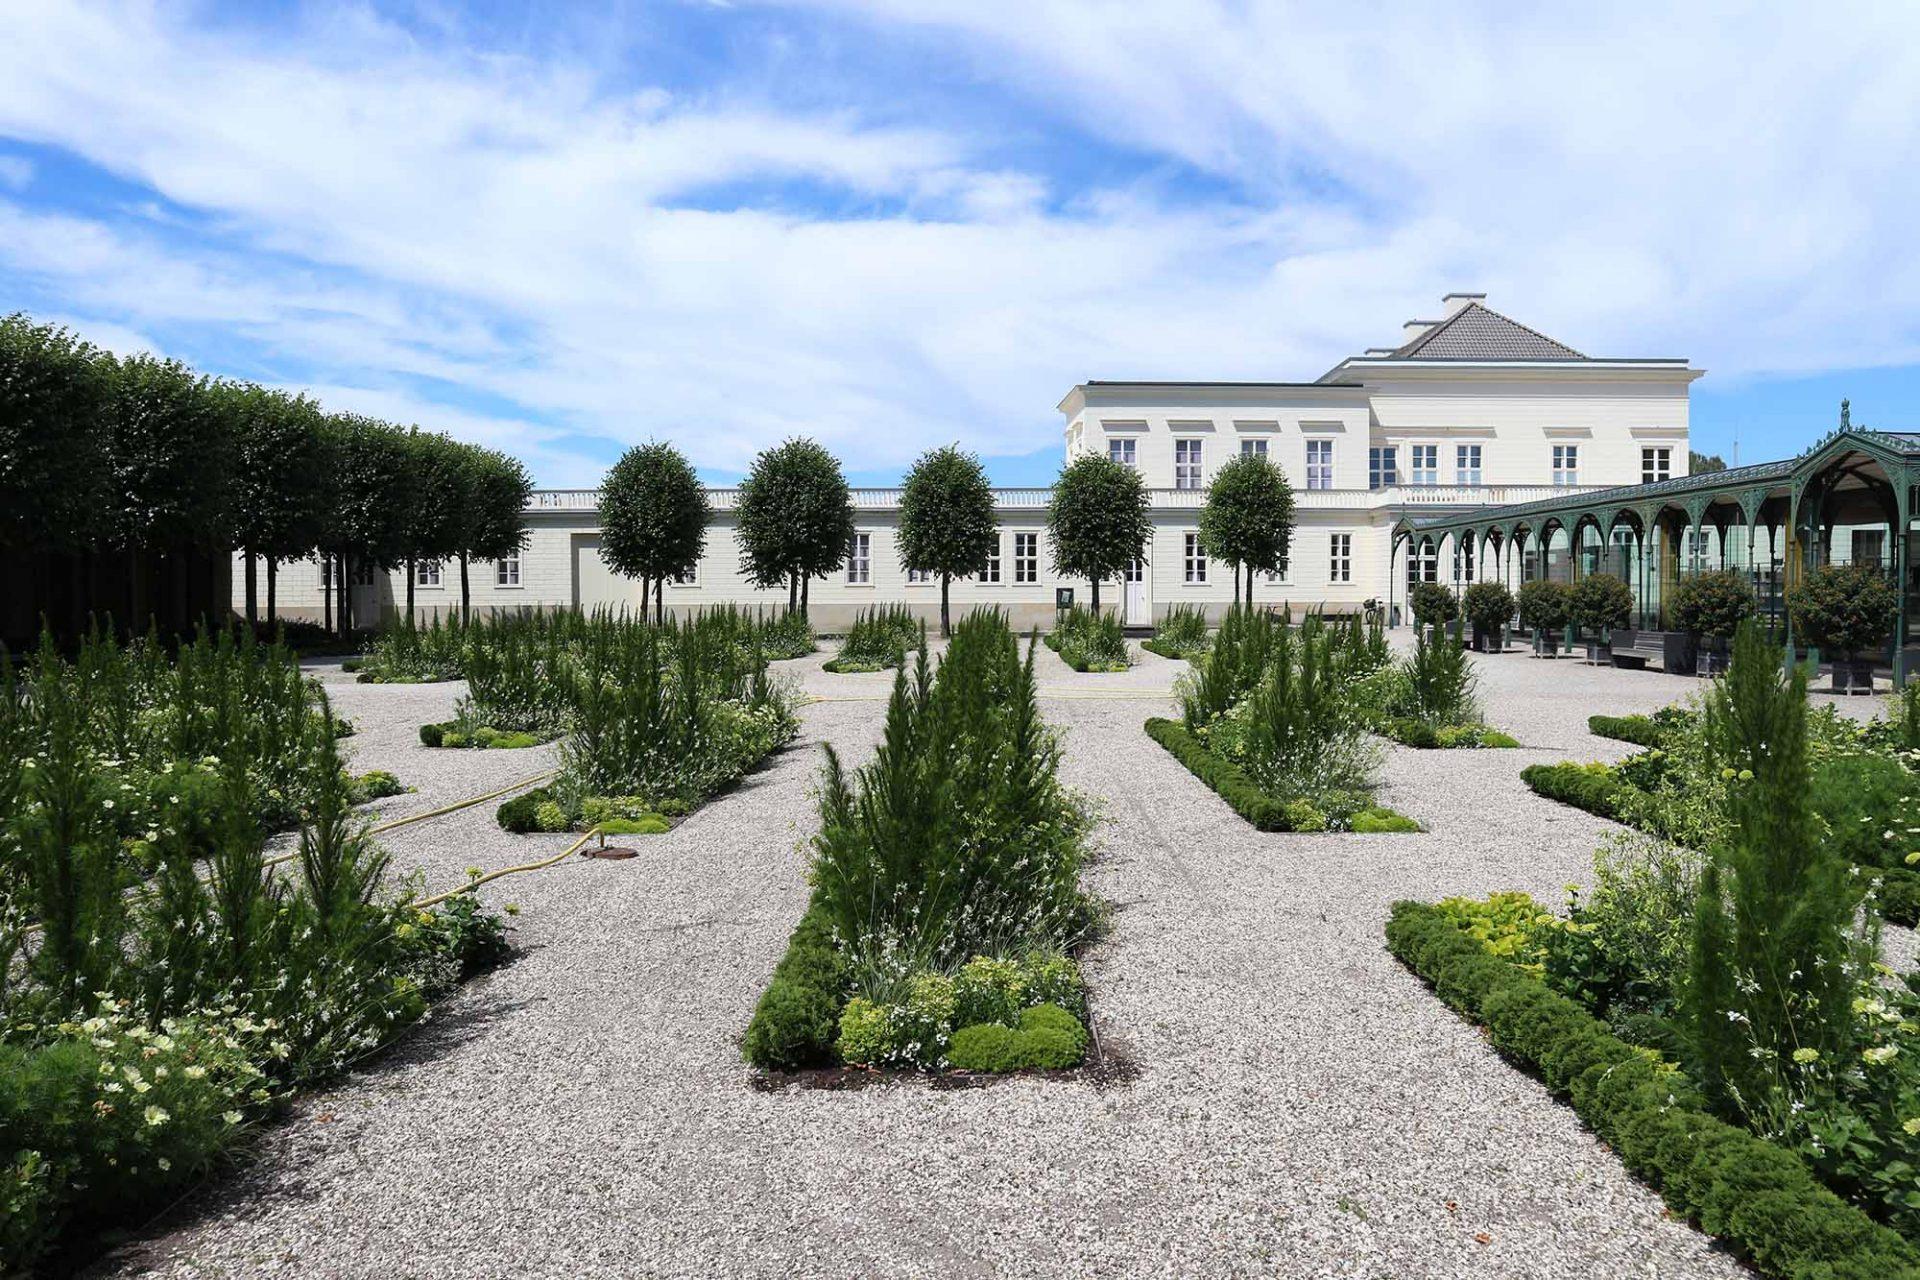 Schloss Herrenhausen. In der rekonstruierten Hülle des klassizistischen Schlosses entstand 70 Jahre nach seiner Zerstörung 2013 ein modernes Tagungszentrum.